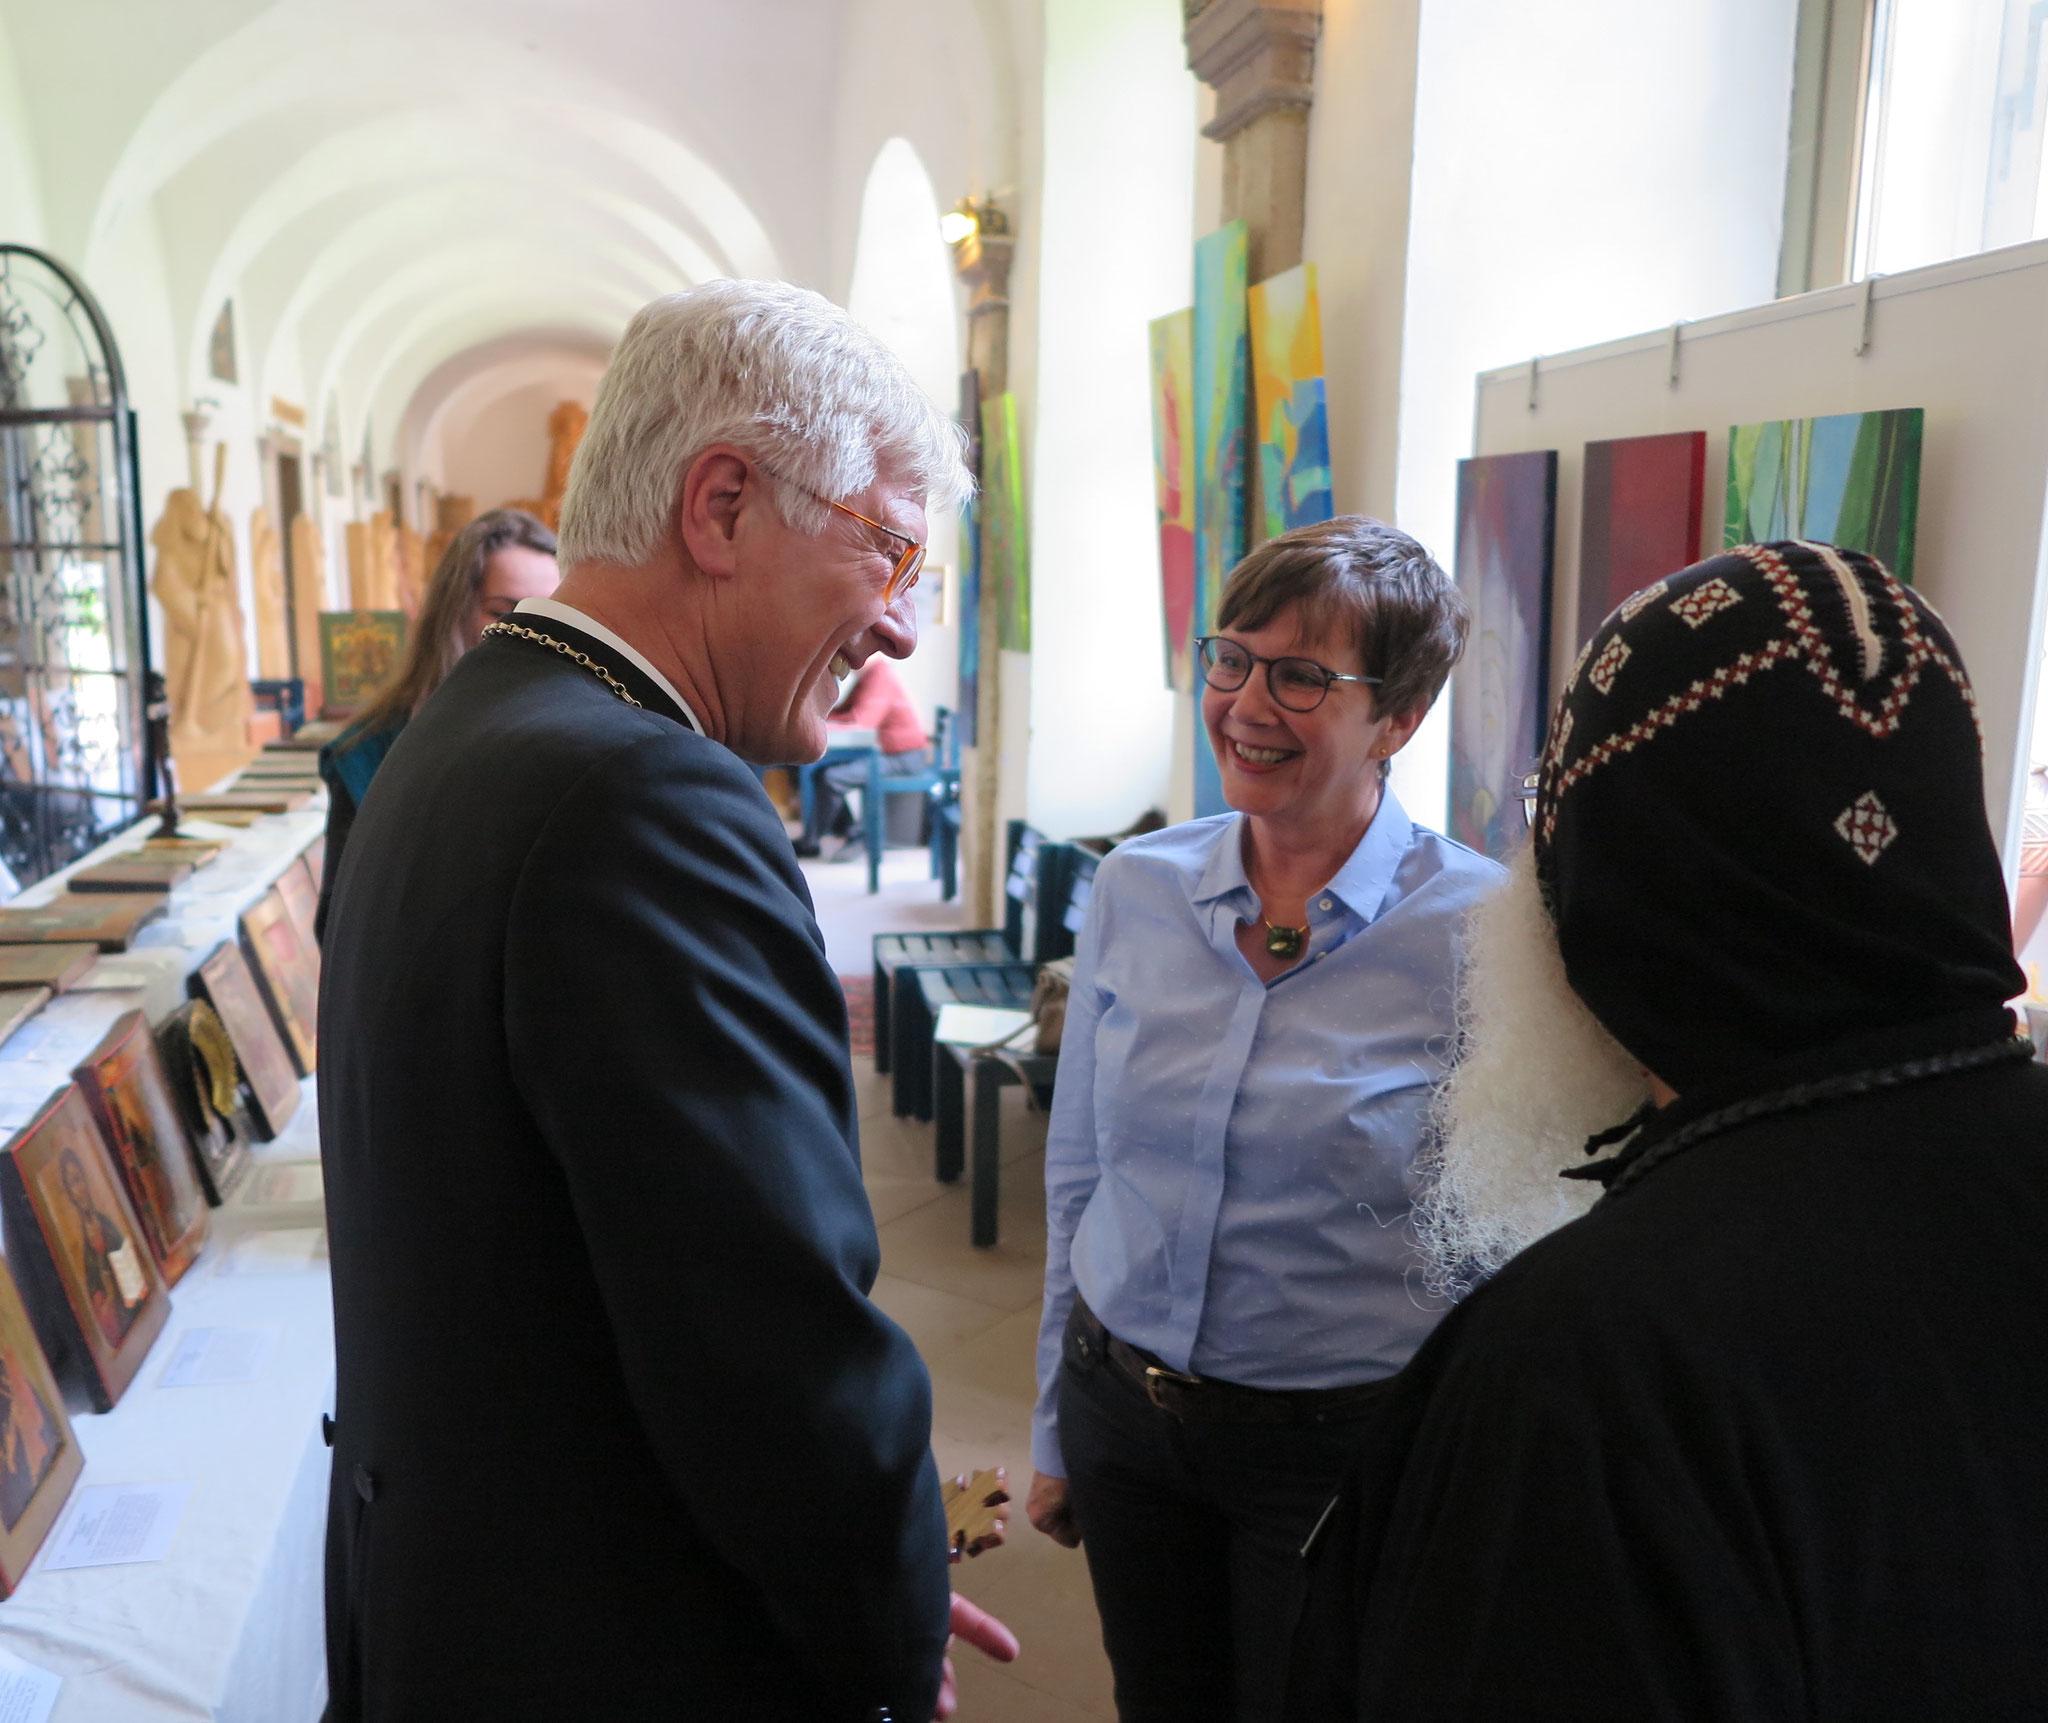 S.E. Bischof Anba Damian zeigt Prof. Dr. Heinrich Bedford-Strohm die Sonderausstellung der Künstlerin Jutta Schlier. Foto: Christian Hohmann